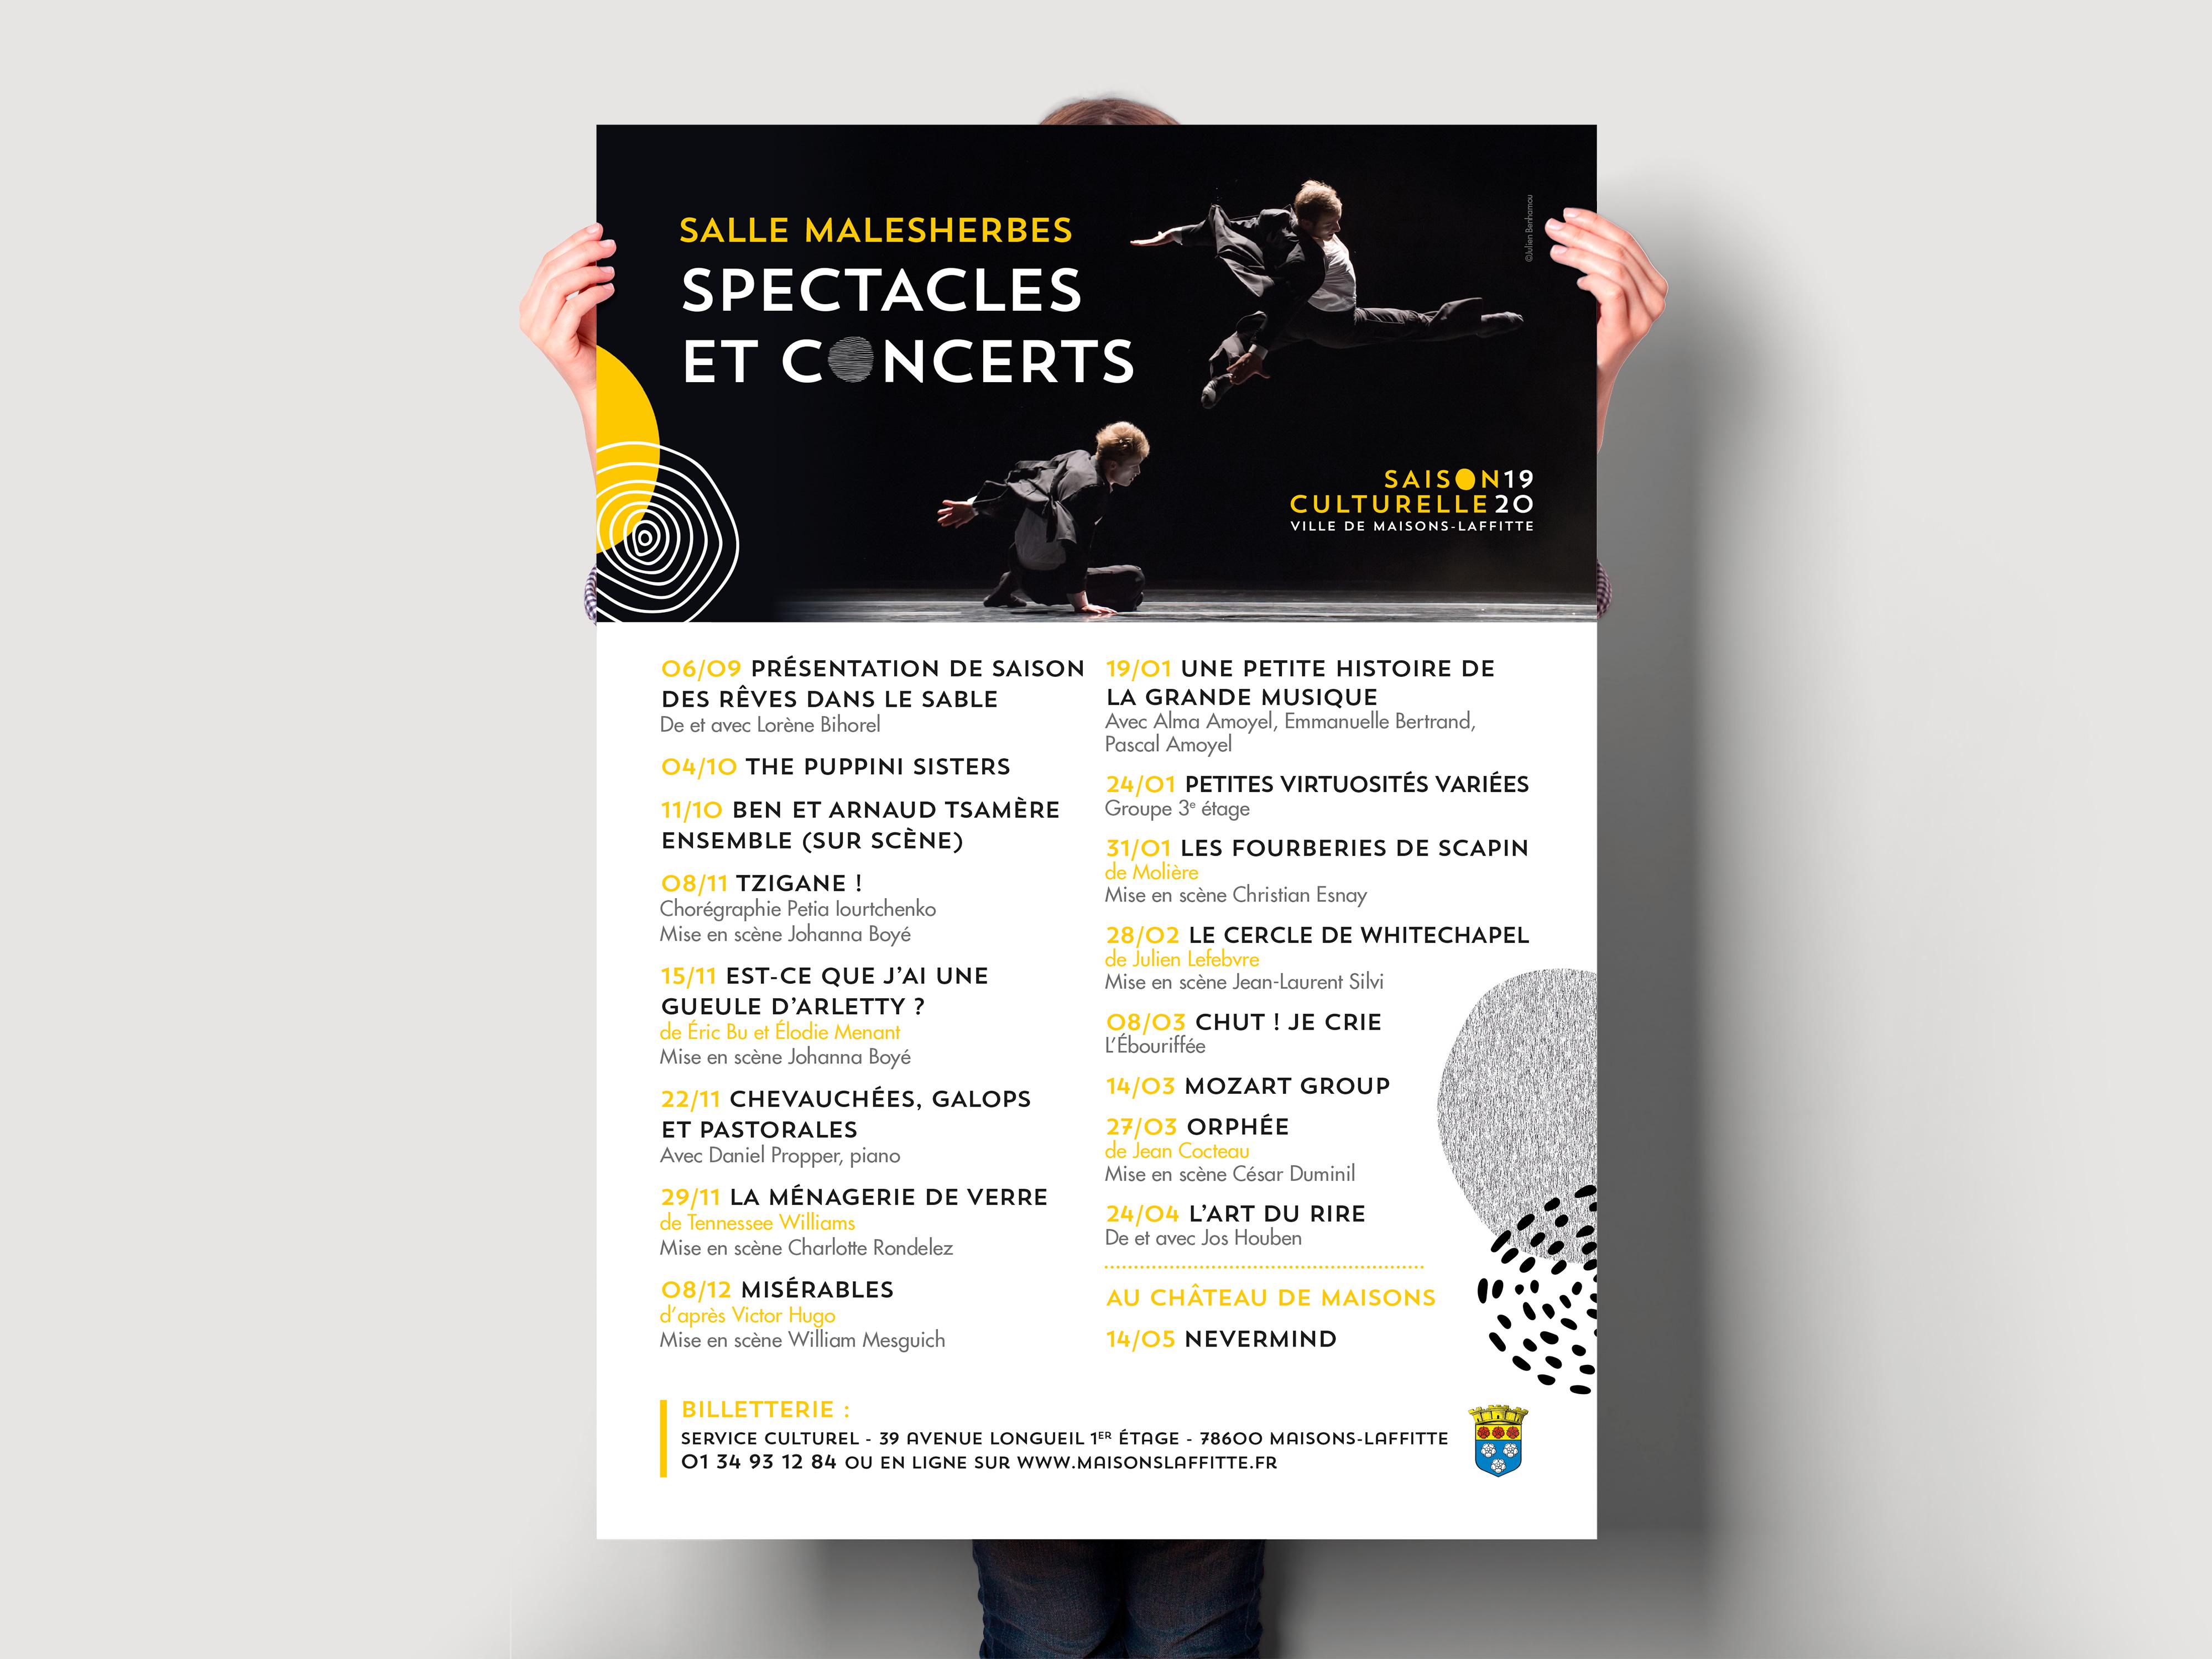 Maisons-Laffitte Saison Culturelle 2019-2020 affiche